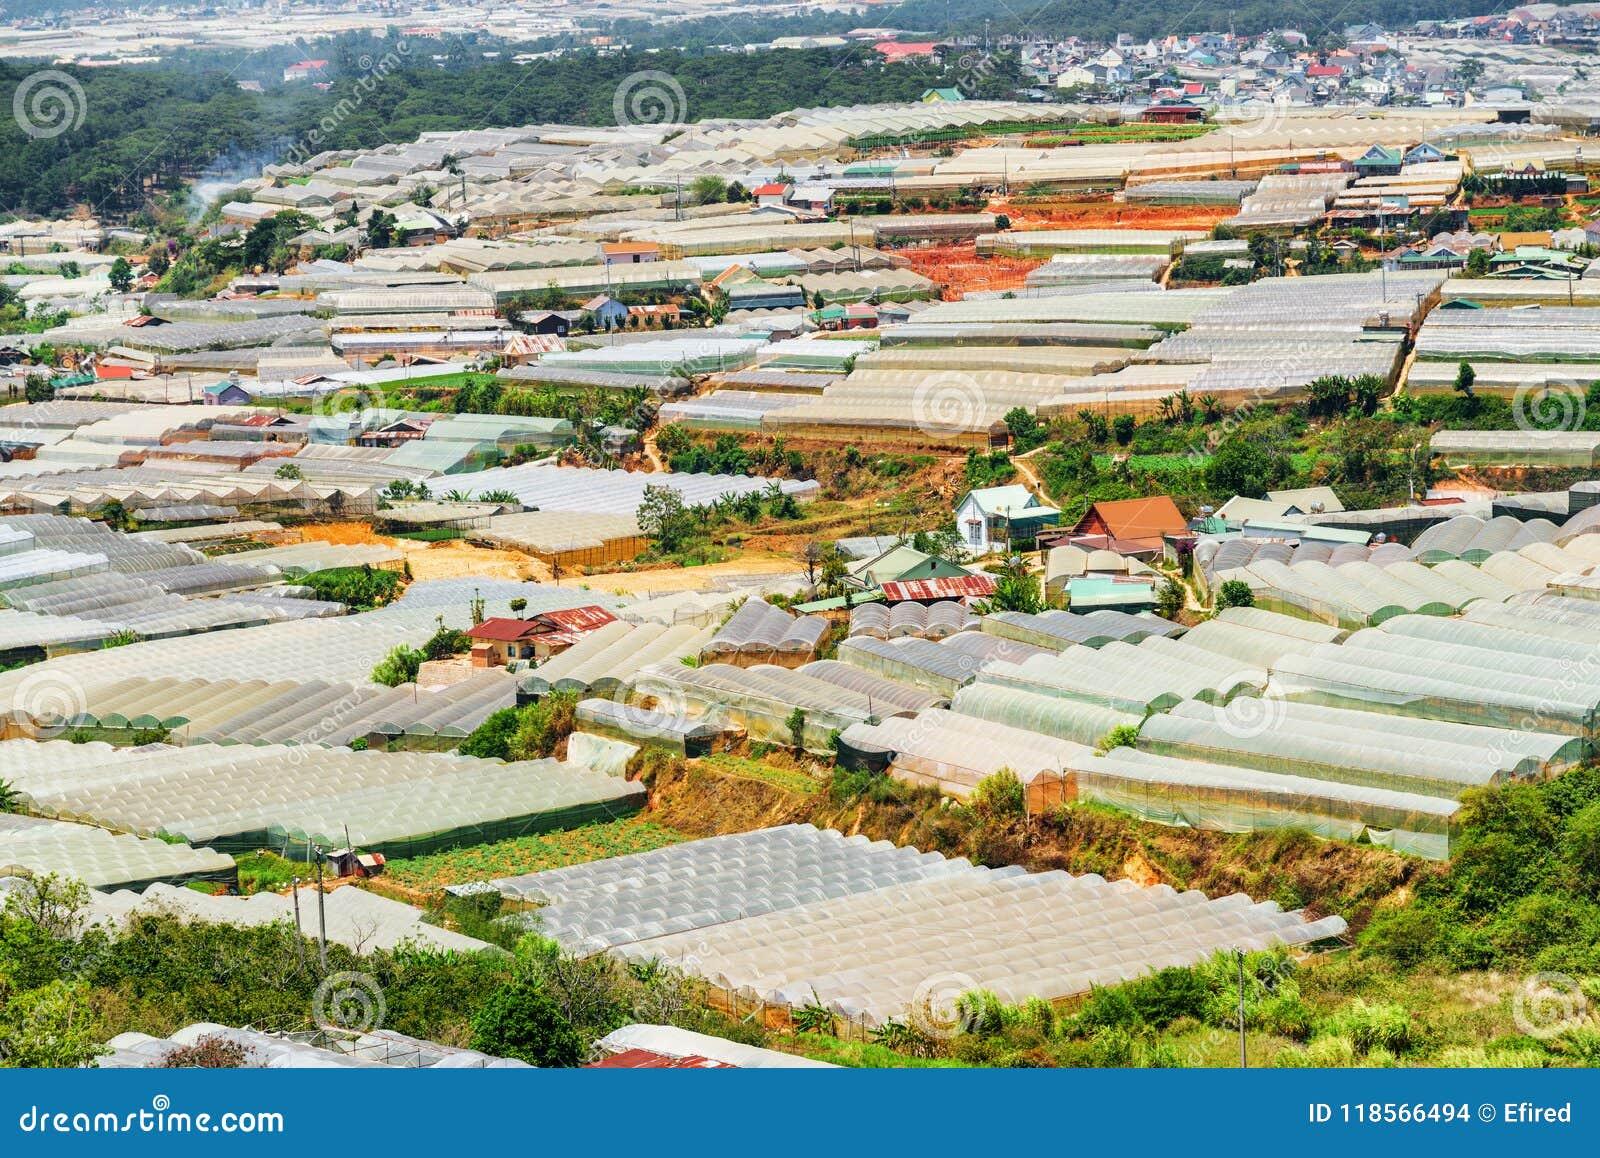 Toneelmening van serres bij organische landbouwbedrijven